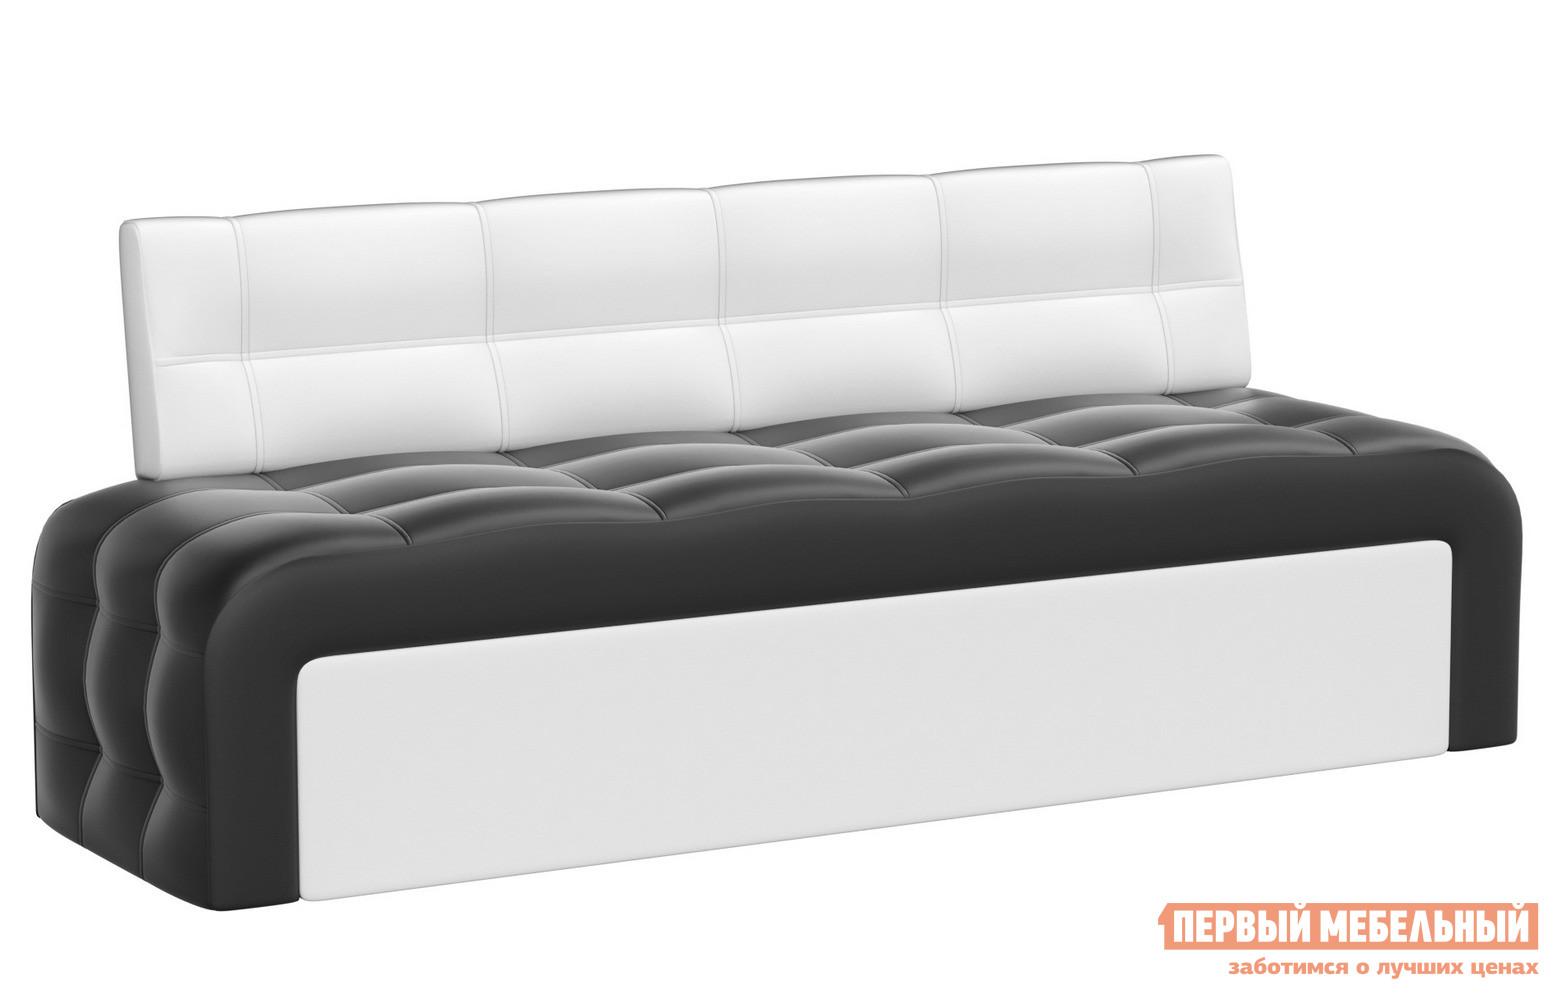 Диван-кровать для кухни прямой Мебелико Кухонный диван Люксор эко-кожа